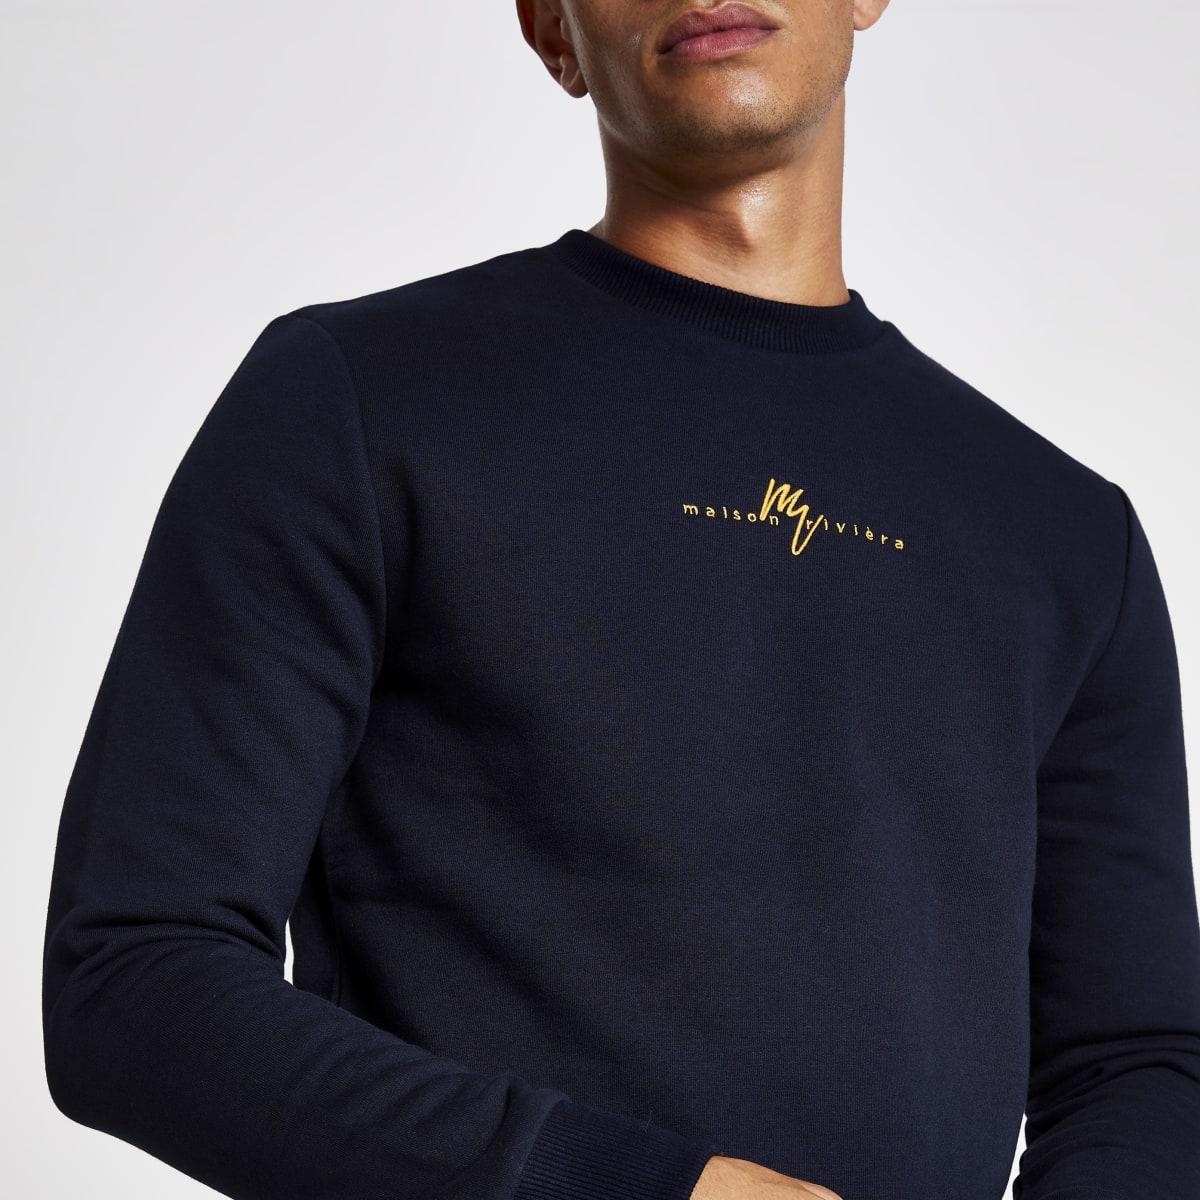 Maison Riviera navy slim fit sweatshirt